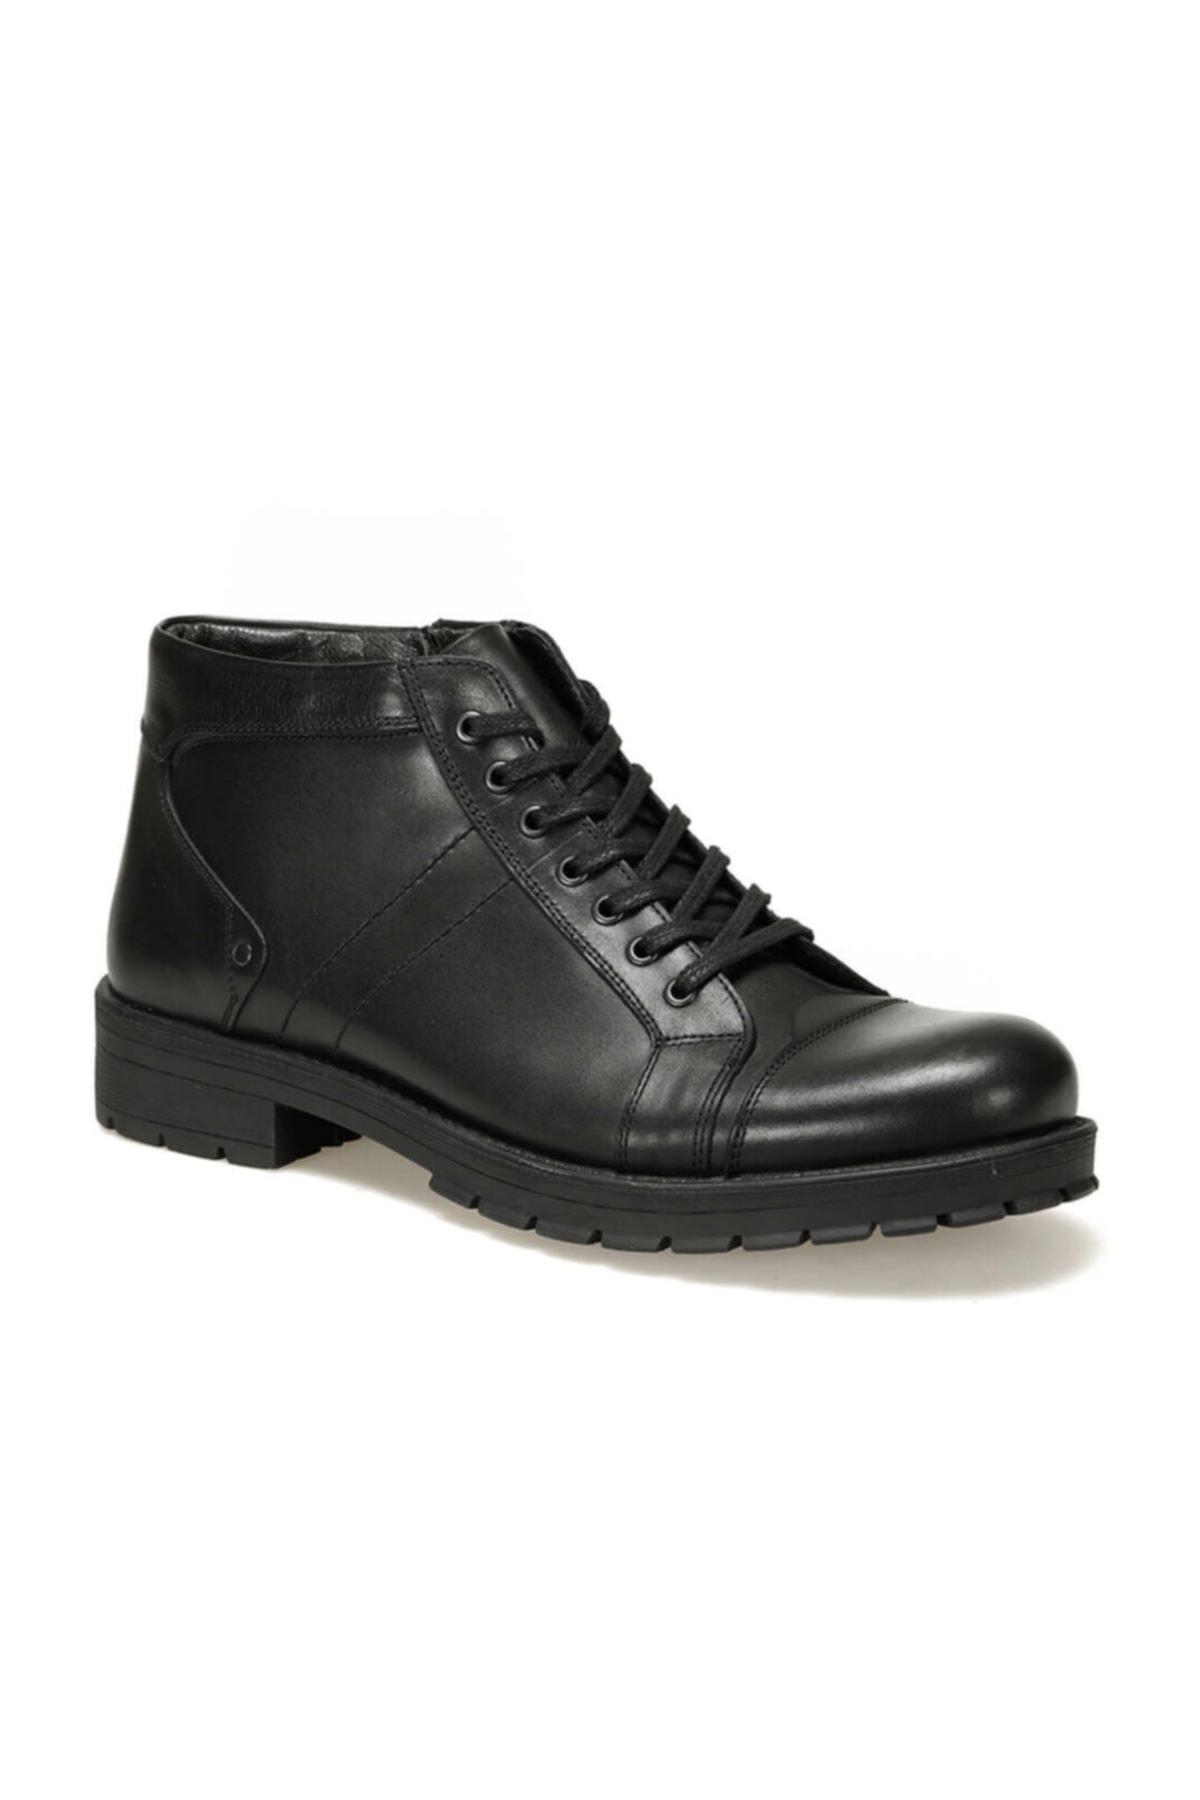 OXIDE 511 C 19 Siyah Erkek Klasik Ayakkabı 100428903 1